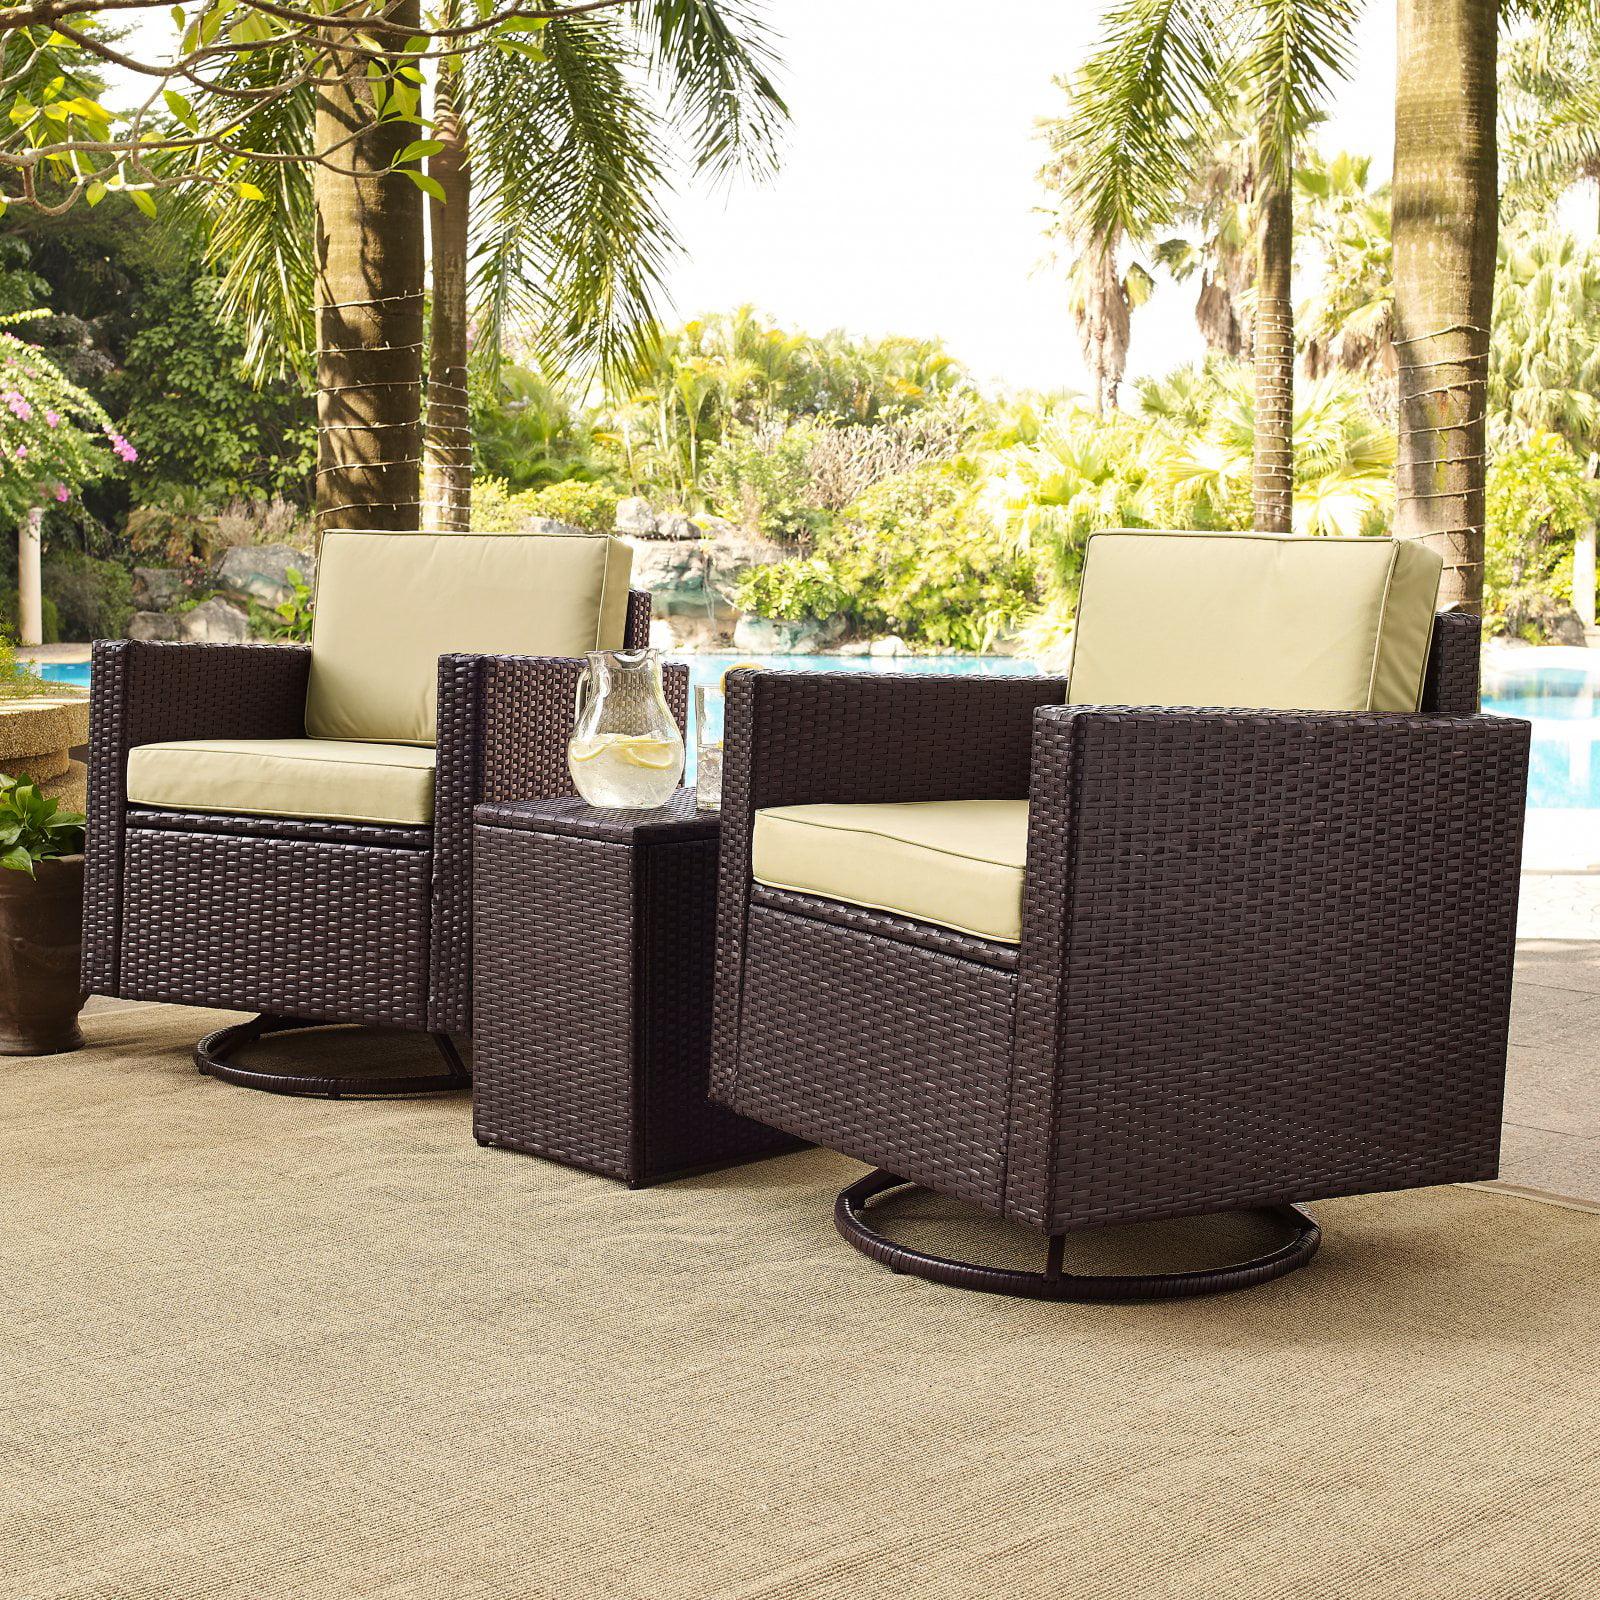 Crosley Palm Harbor Outdoor Wicker Conversation Set, 3-Piece